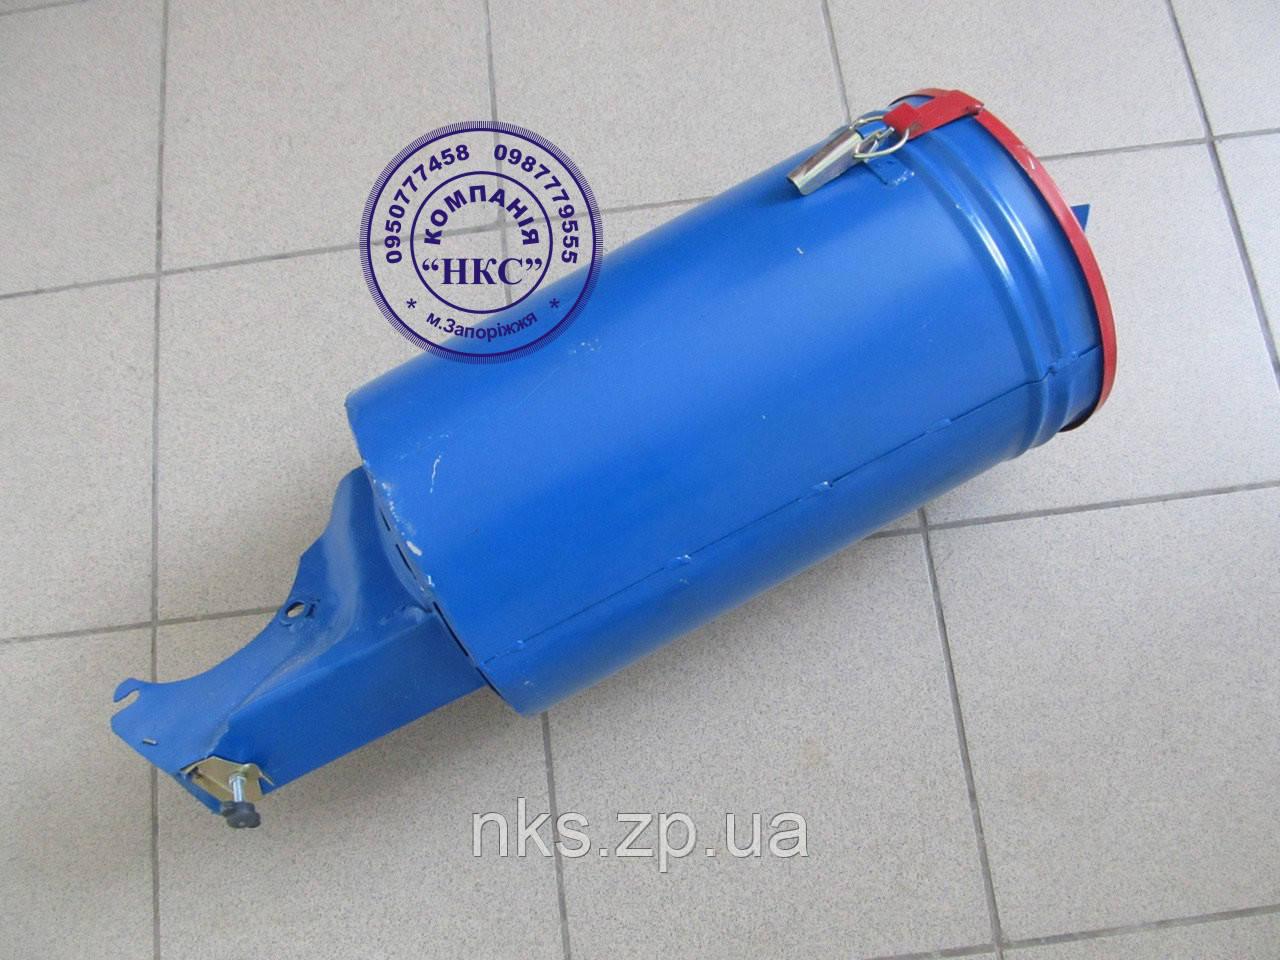 Приёмник семян СПЧ-6, СПЧ-6М (румынка), СПП-8 (SPP-8 молдавка).